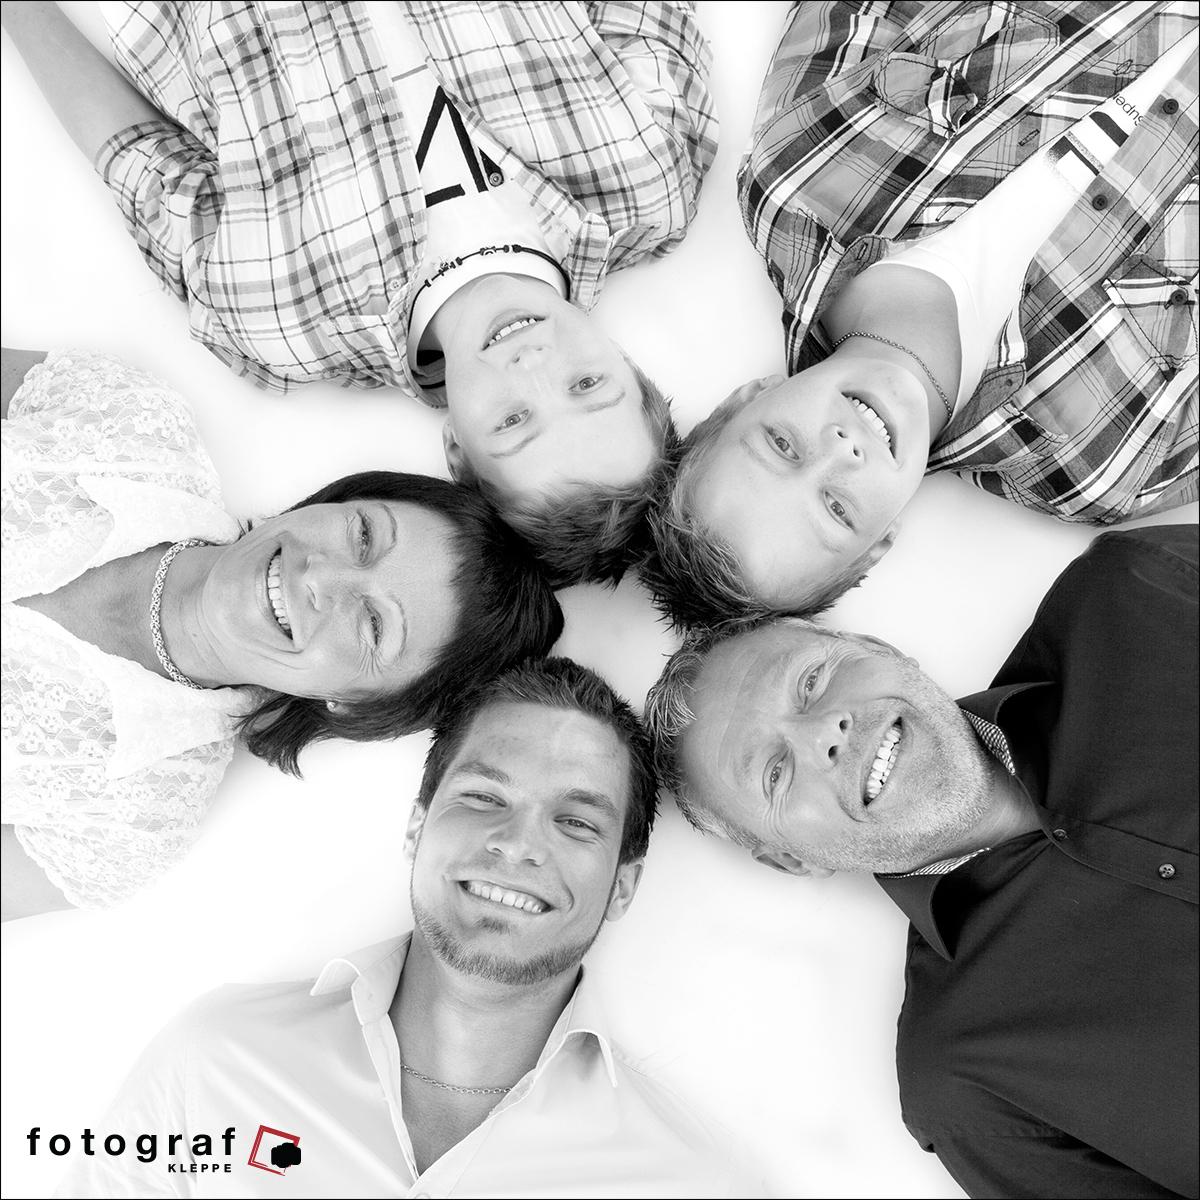 fotograf-kleppe-familie-fotografering-36